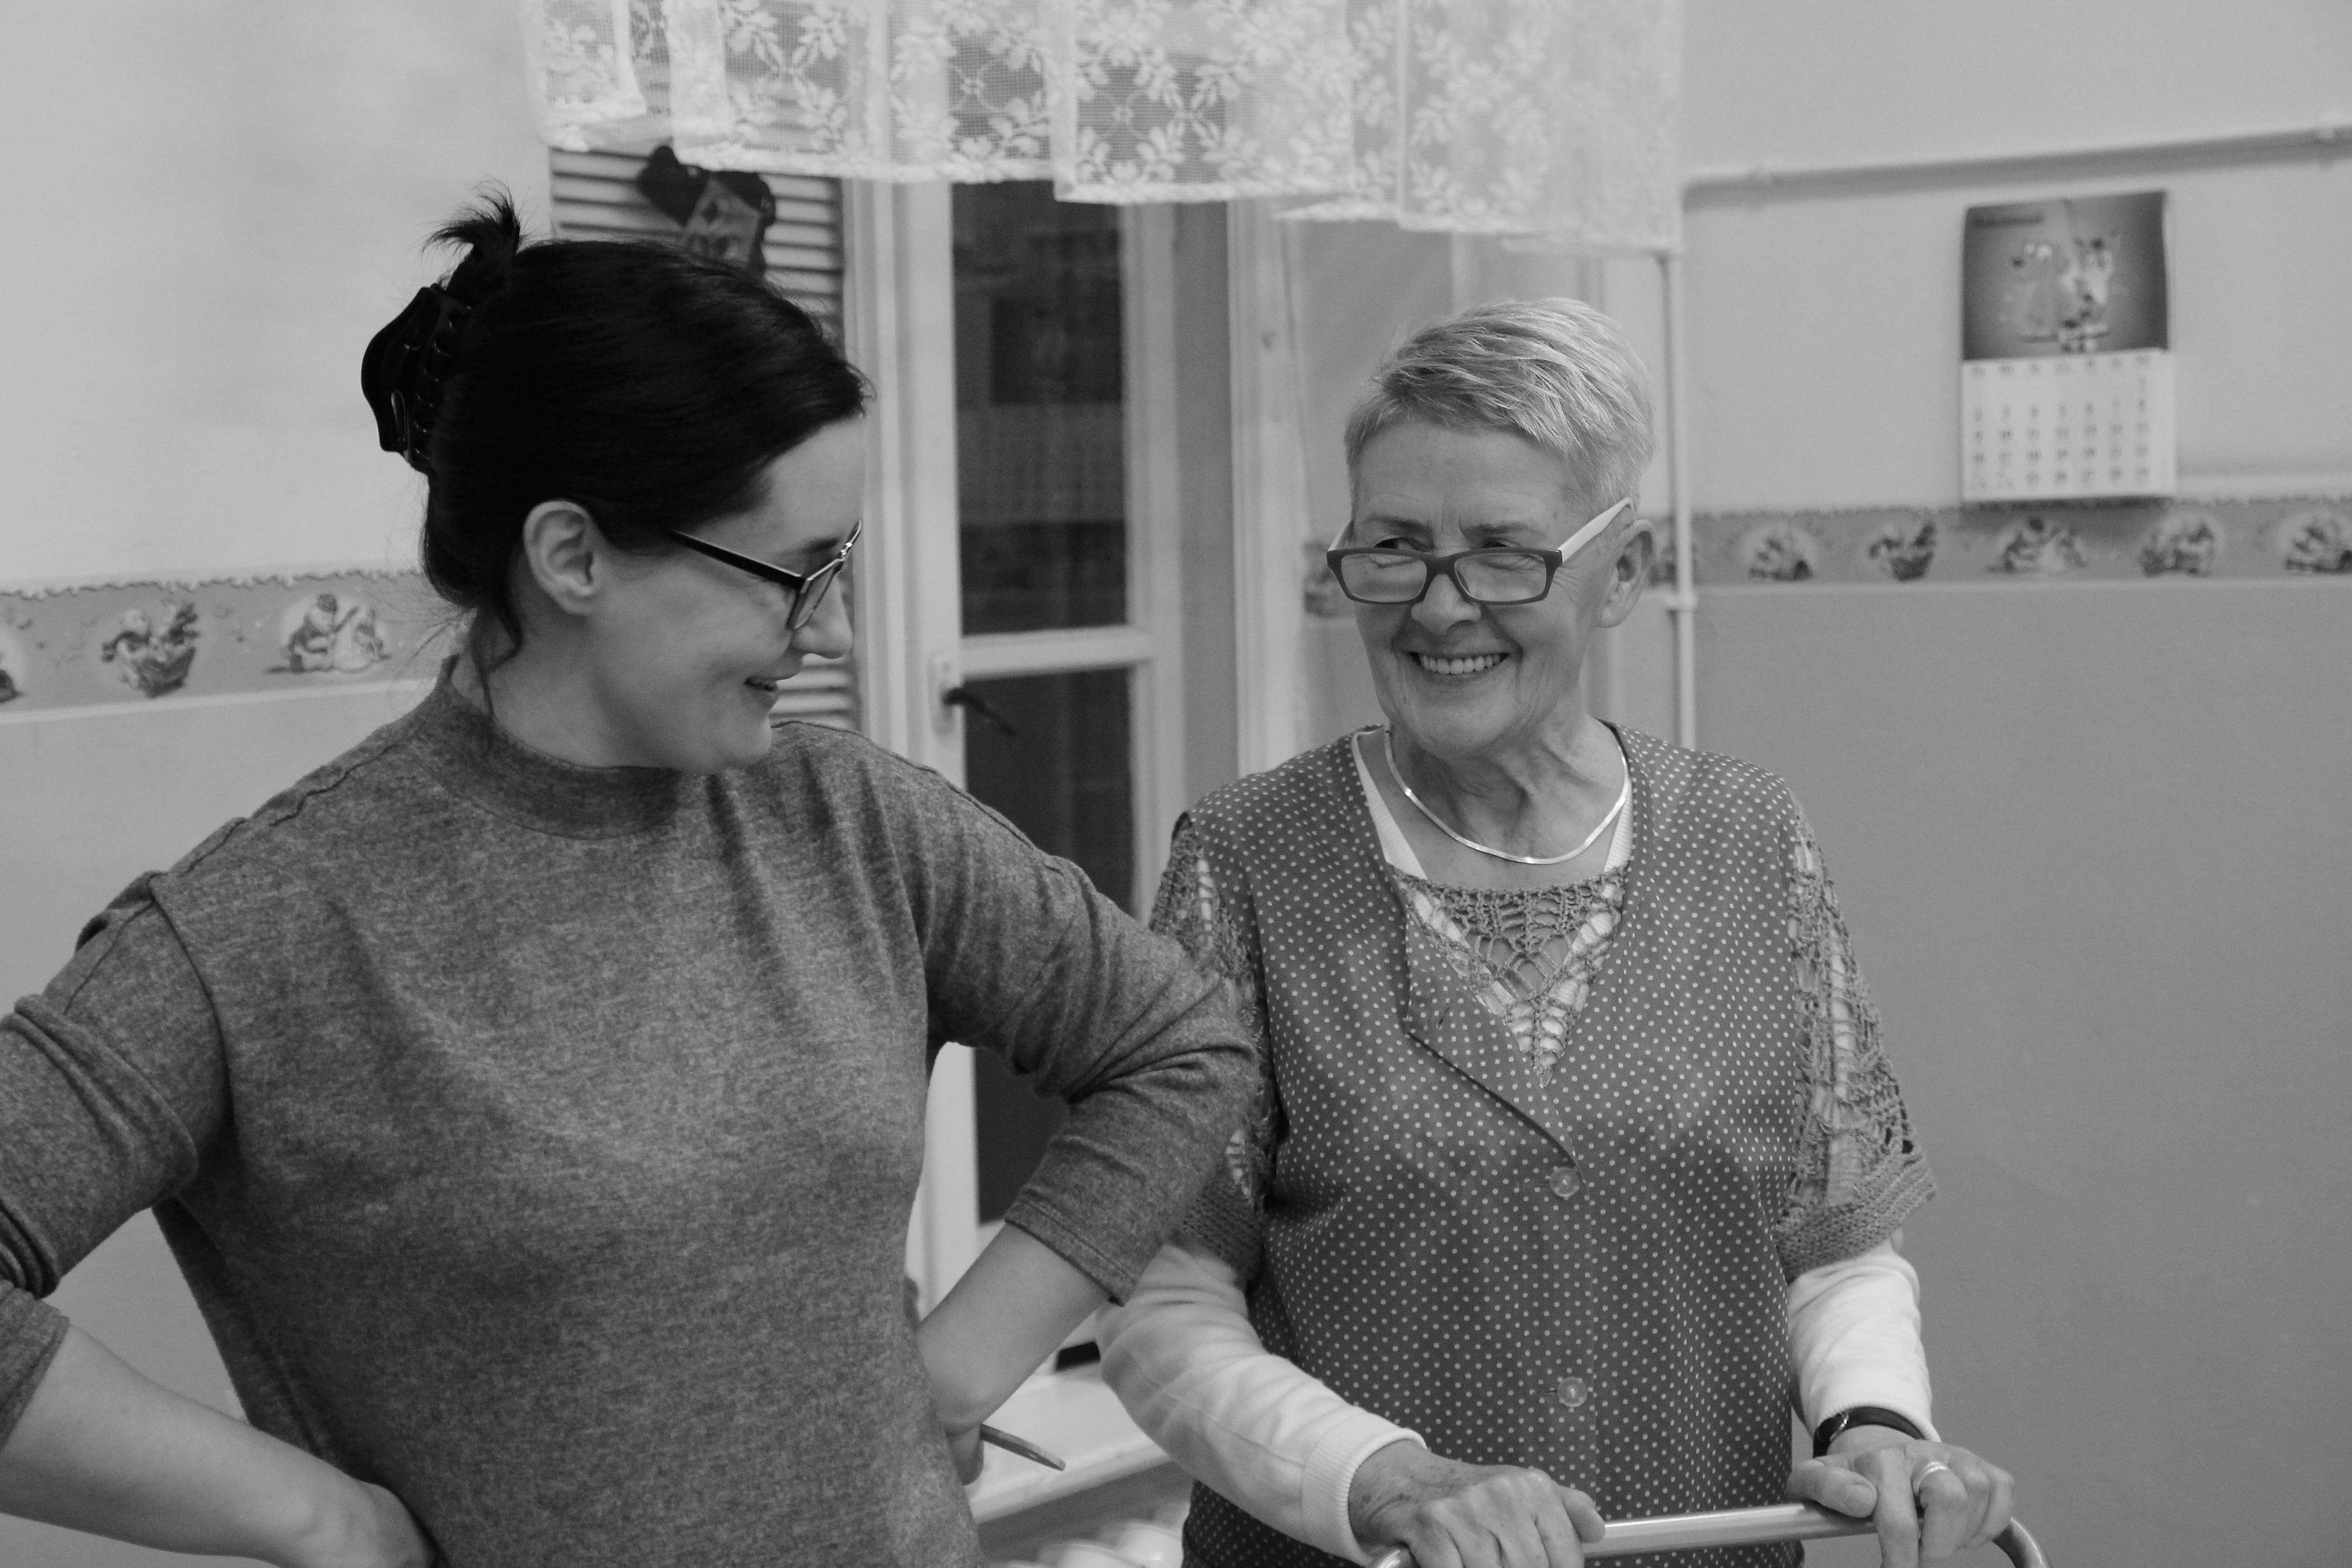 zdjęcie z projektu Dzwięczące wieżowce. Dwie aktorki w okularach usmiechaja się do siebie.